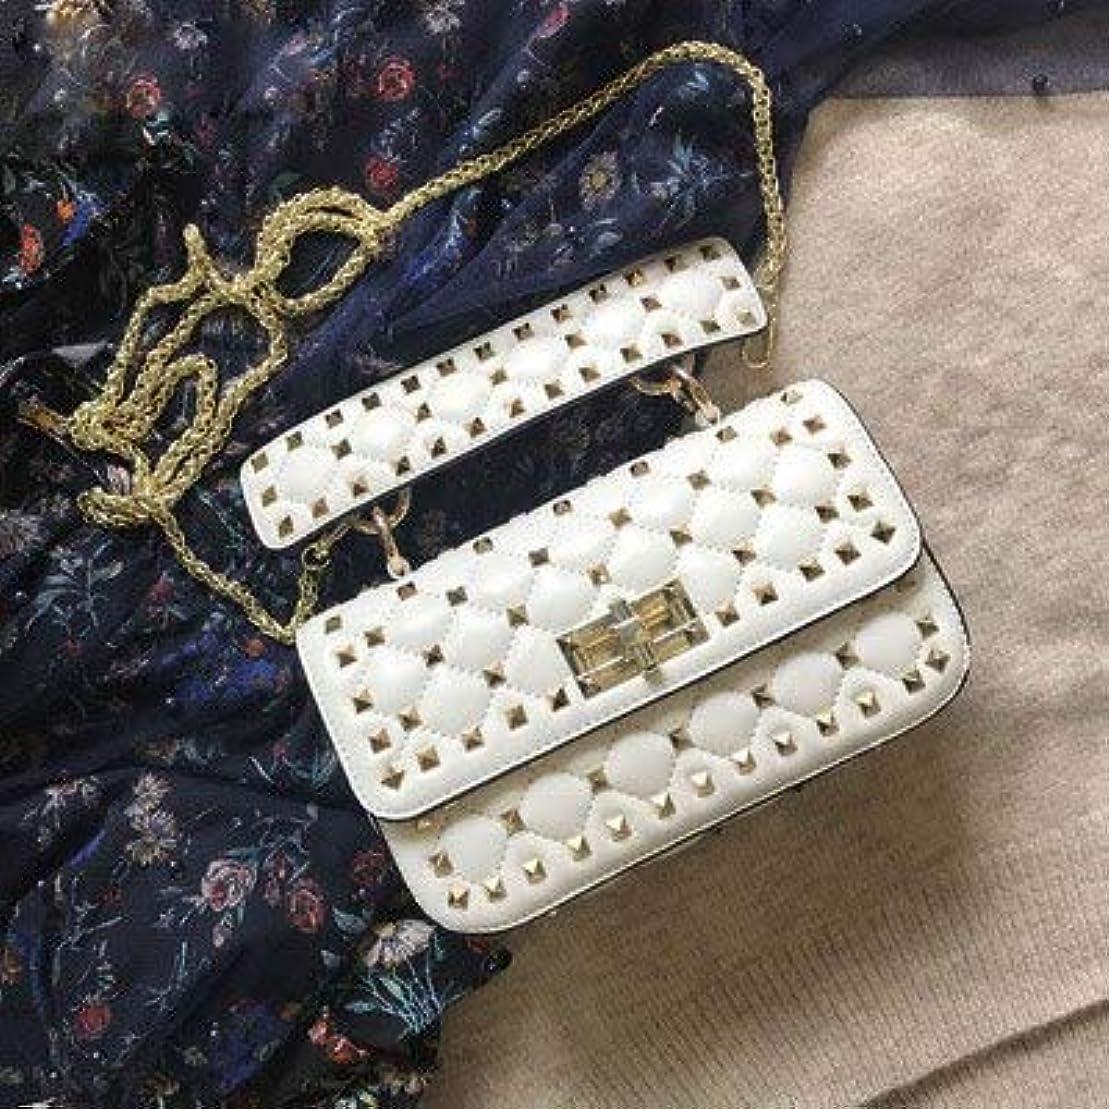 アンビエント一元化する裂け目LPP100% シープスキンレザーファッションショルダーバッグ高品質リベットクロスボディバッグ高級ハンドバッグの女性のバッグデザイナーの日のクラッチ小銭入れ 小さい